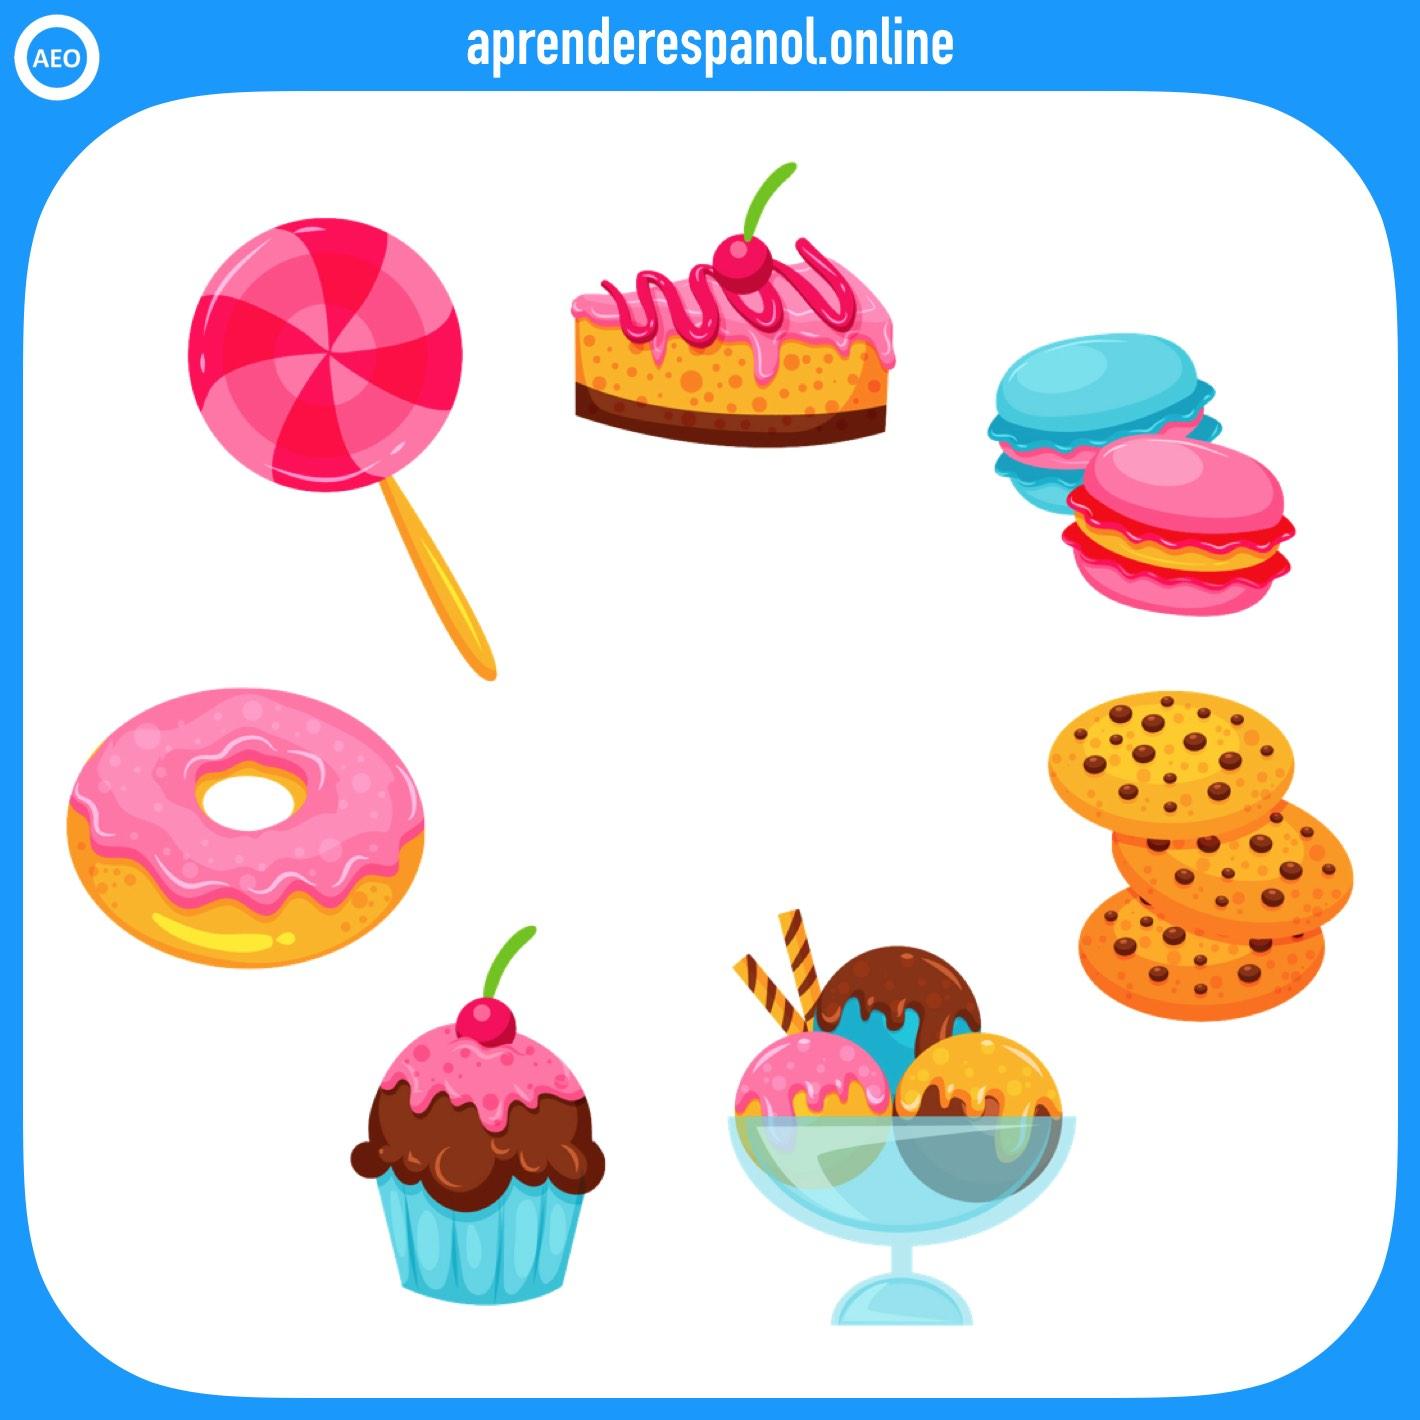 postres   alimentos en español   vocabulario de los alimentos en español